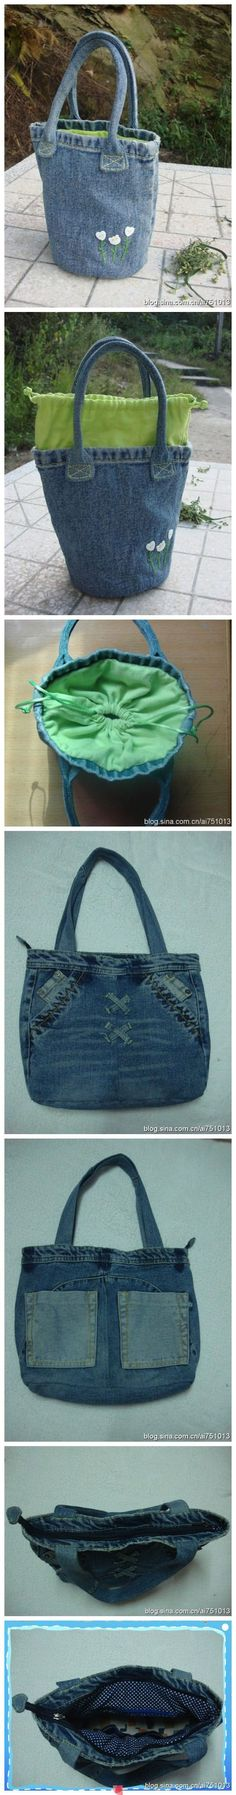 Love the design - jeans bag -- Borsettefatteamano e......molto altro!: jeans&Pinterest&........un grazie!!!! - Picmia